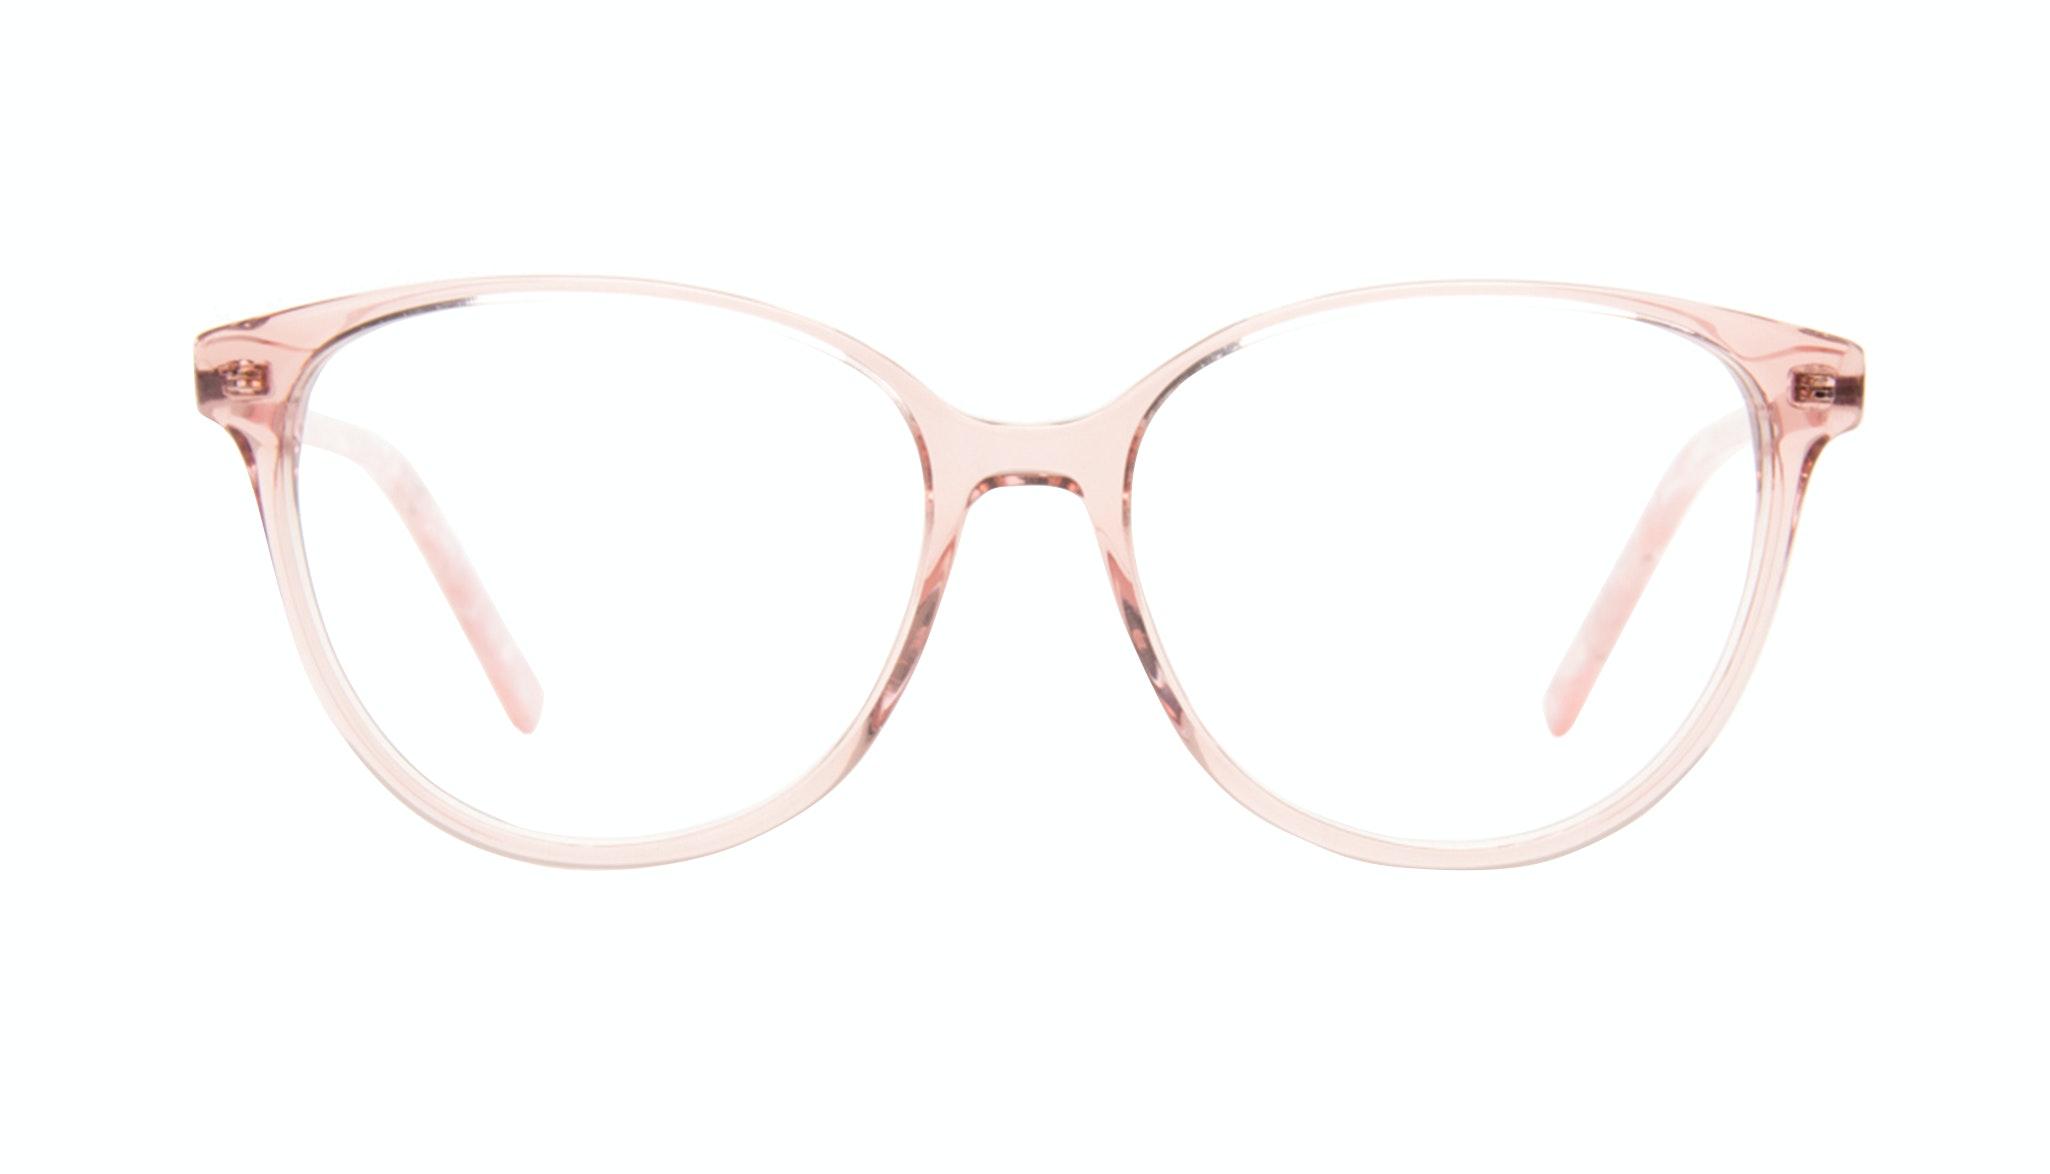 Lunettes tendance Oeil de chat Lunettes de vue Femmes Imagine II Rose Marble Face